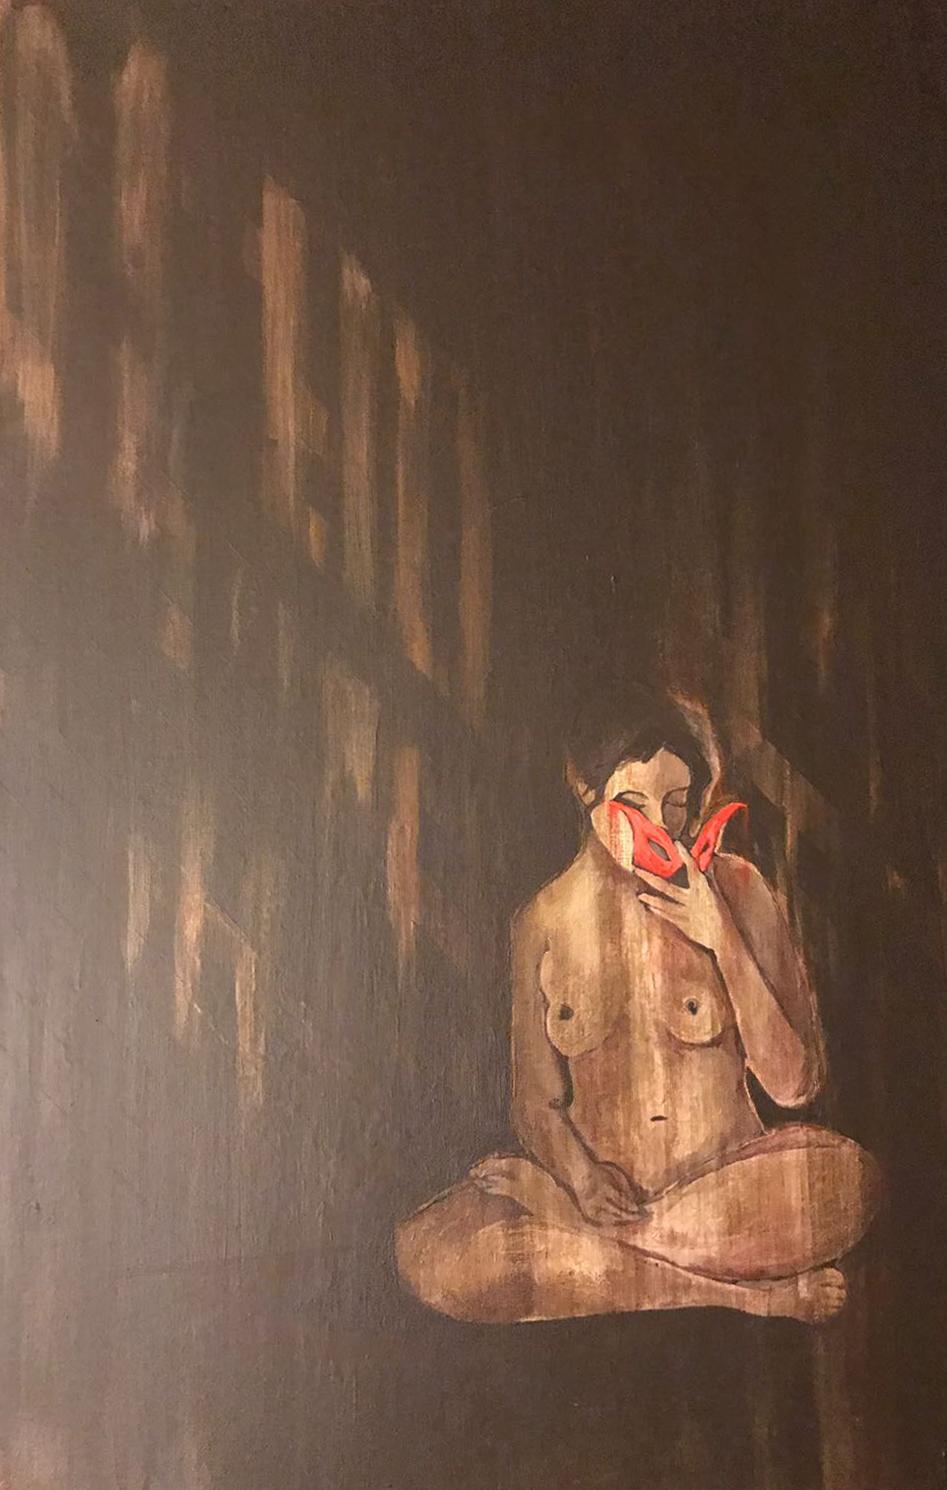 Tara Boirard -The Mask.jpg